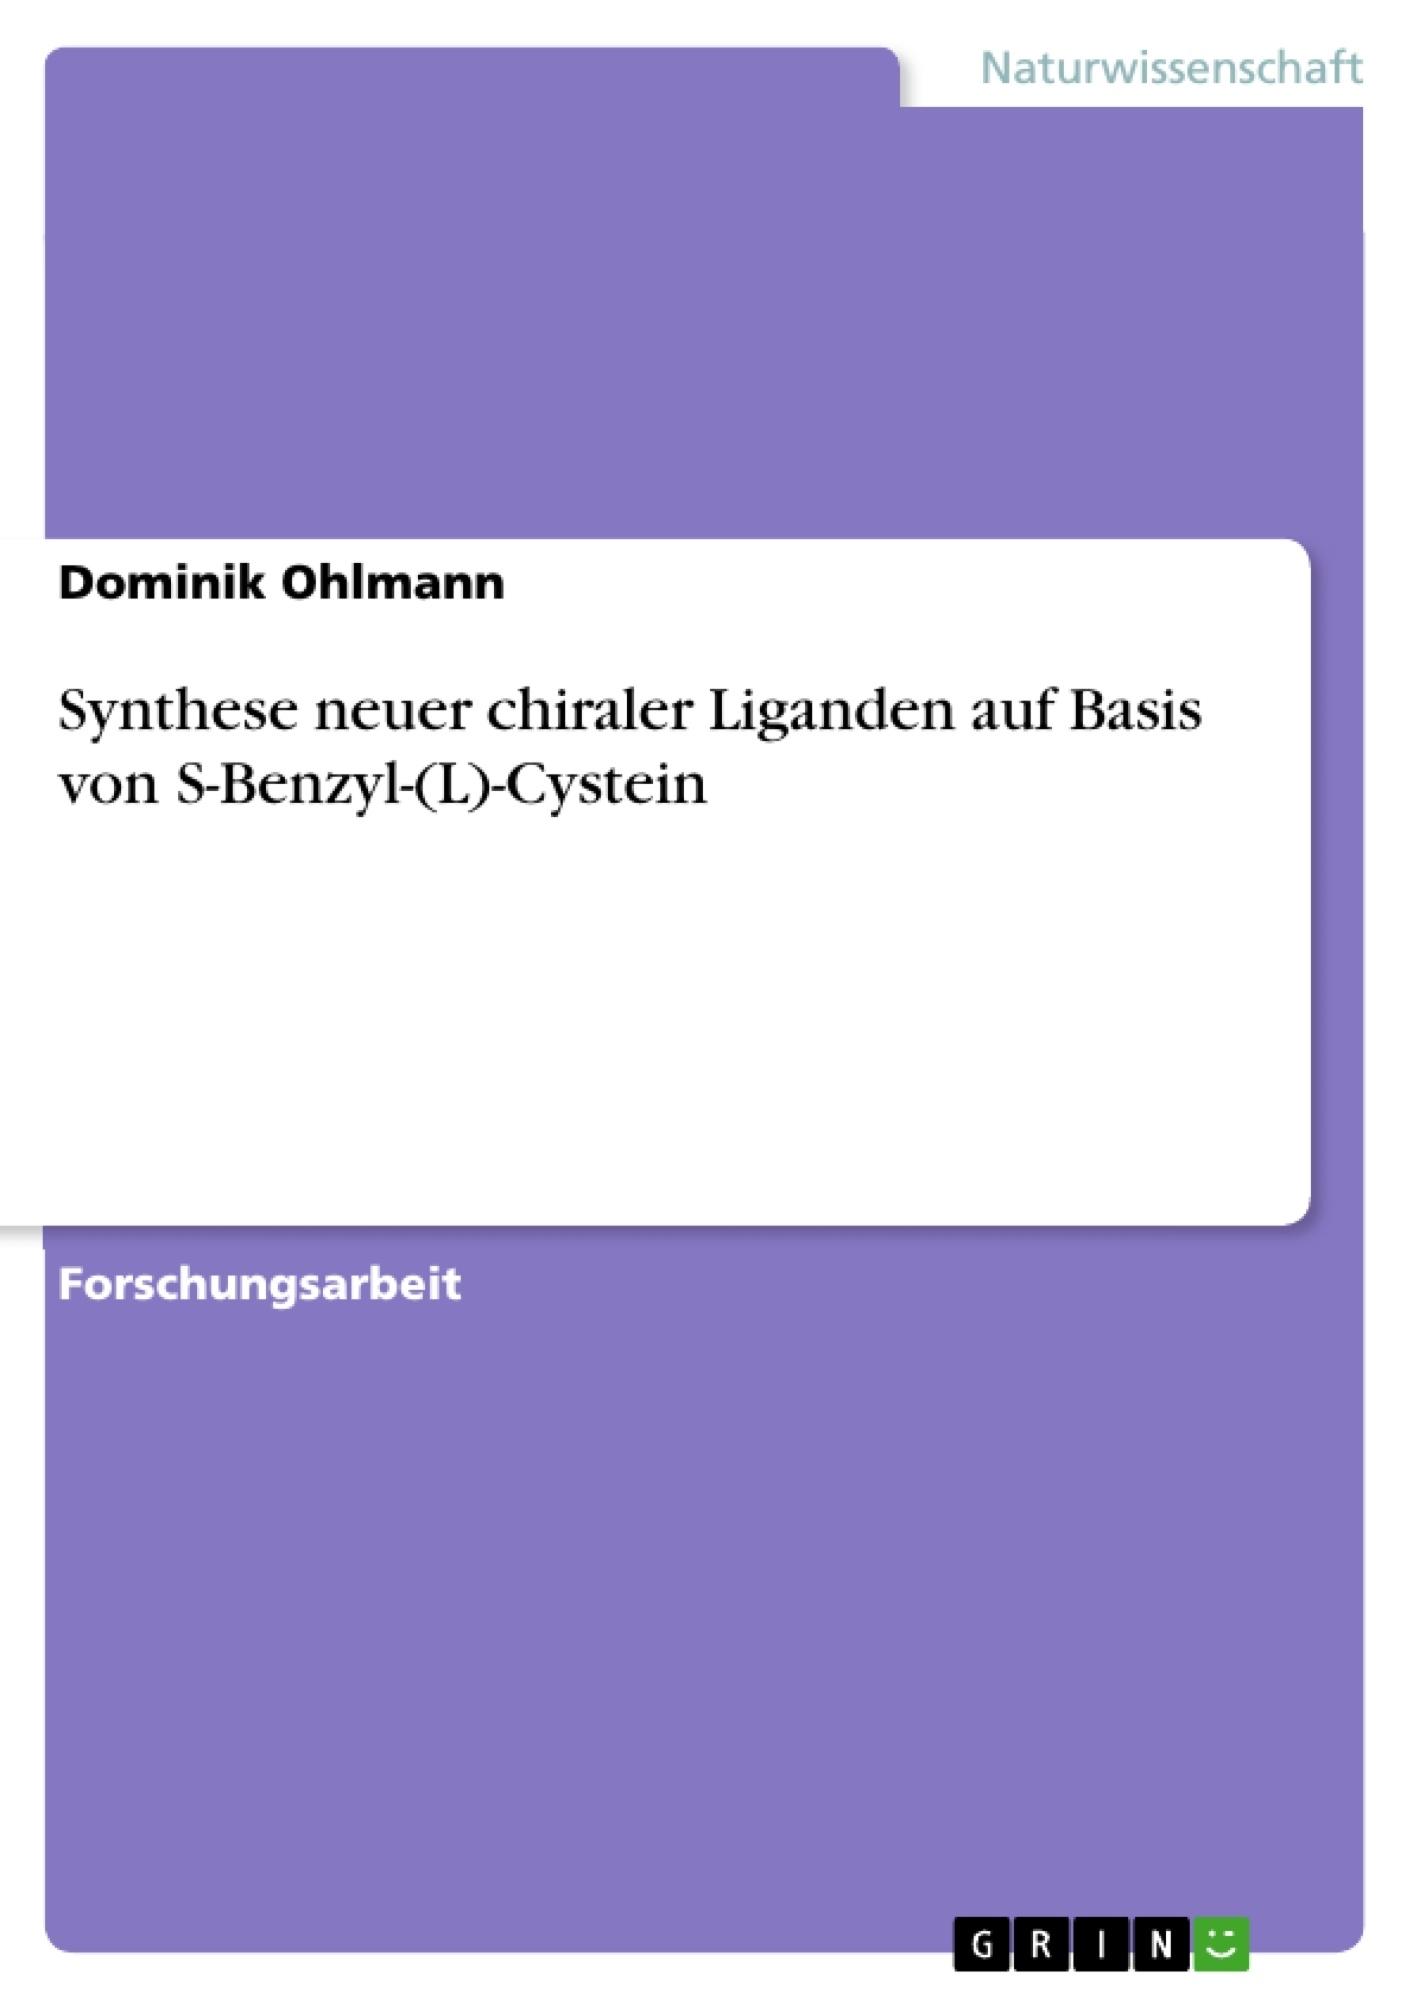 Titel: Synthese neuer chiraler Liganden auf Basis von S-Benzyl-(L)-Cystein